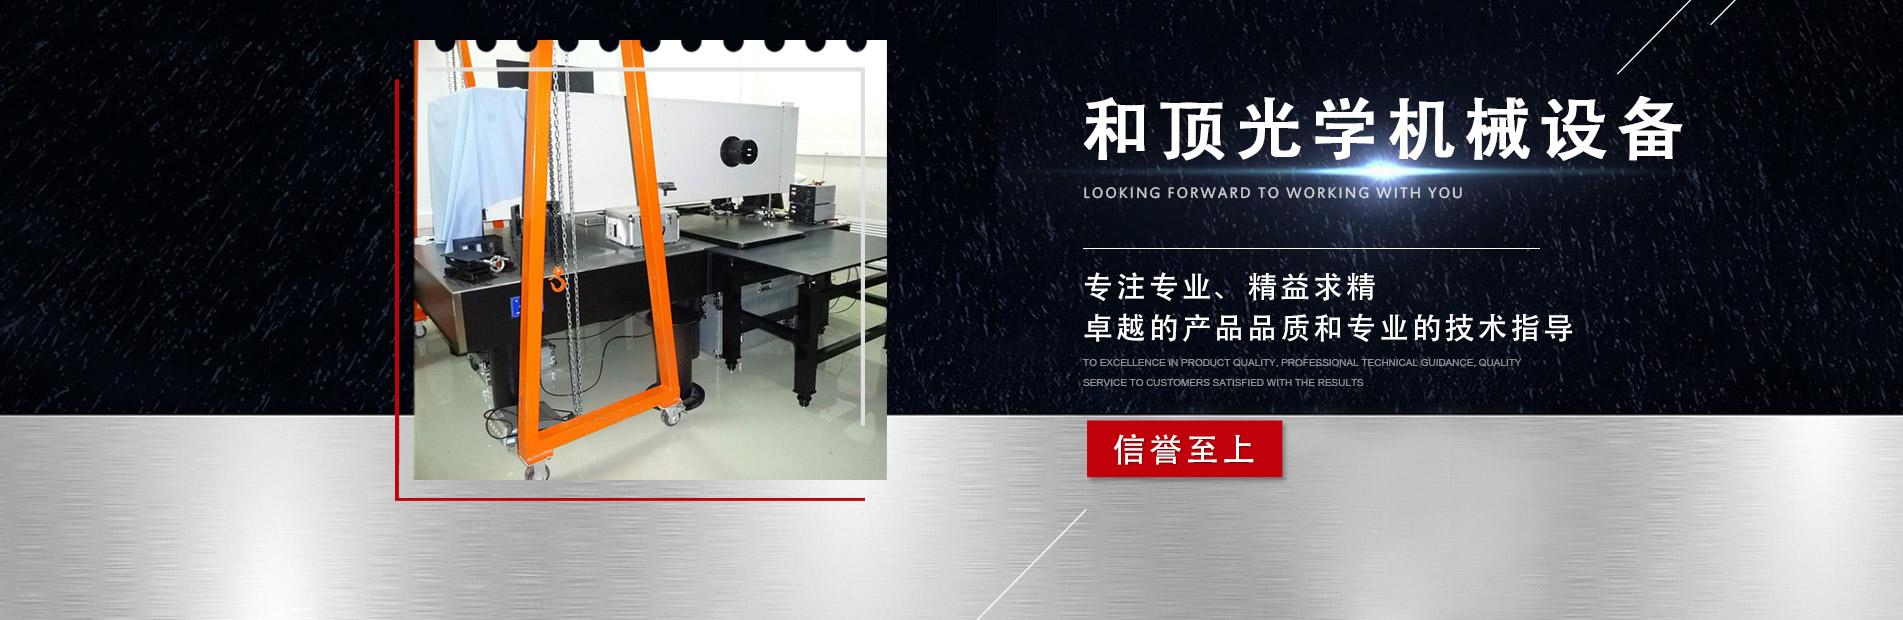 上海和顶光学机械设备有限公司